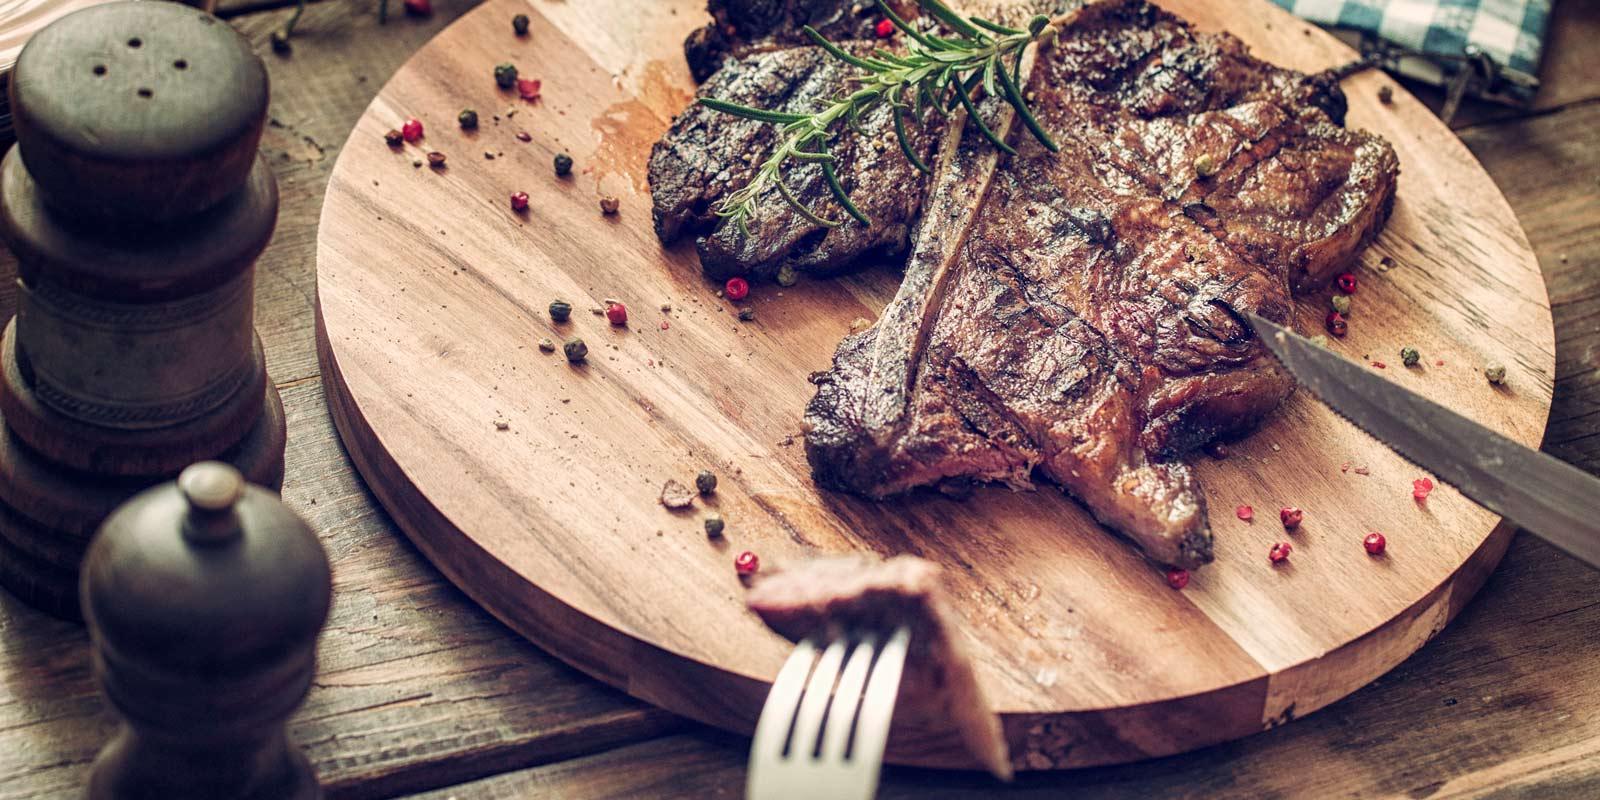 Gegrillltes Steakt liegt angeschnitten und saftig auf einem Holzteller